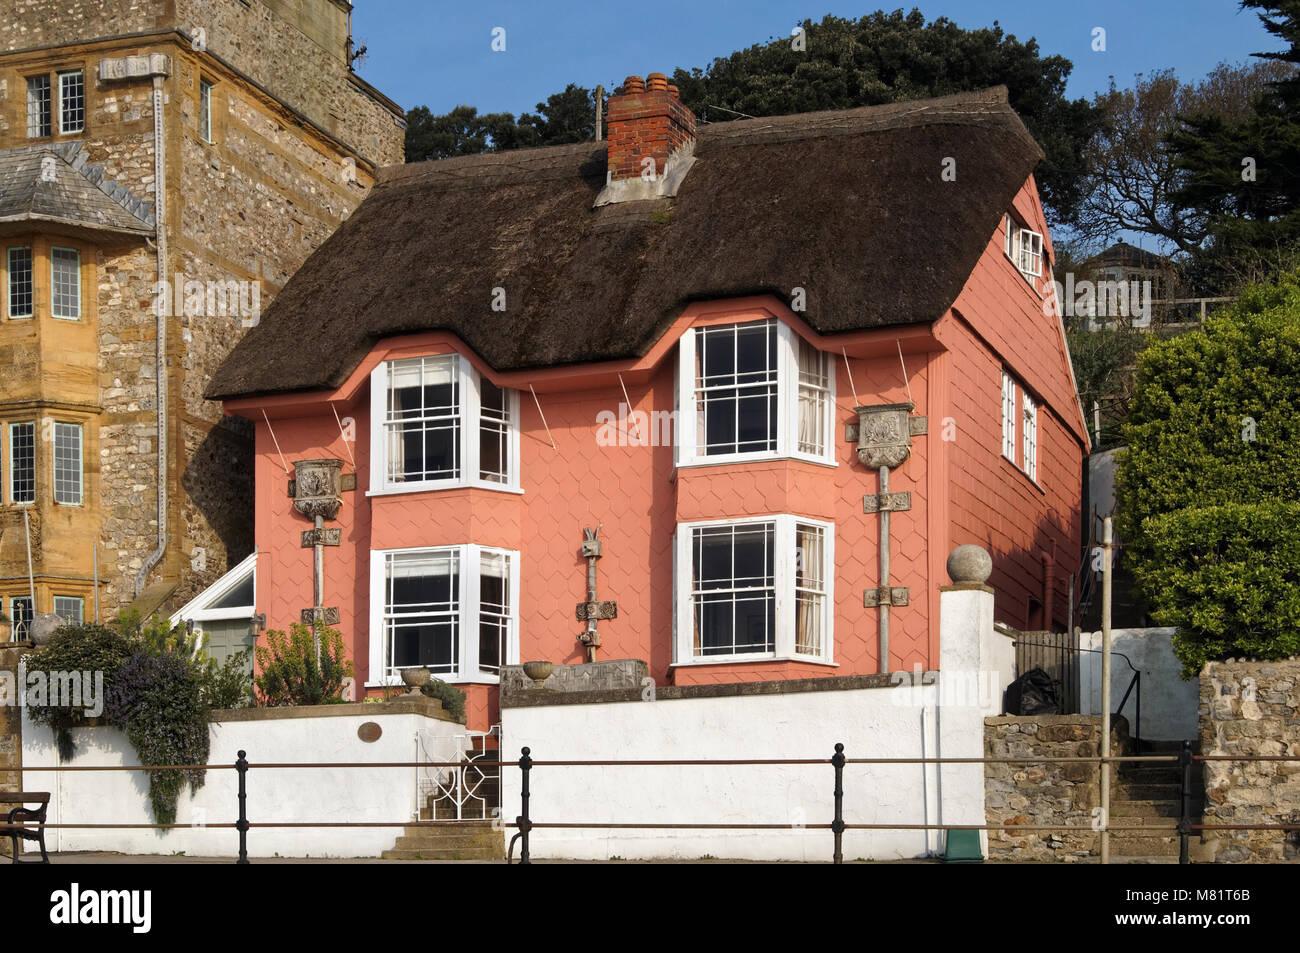 UK,Dorset,Lyme Regis,Library Cottage on Marine Parade - Stock Image